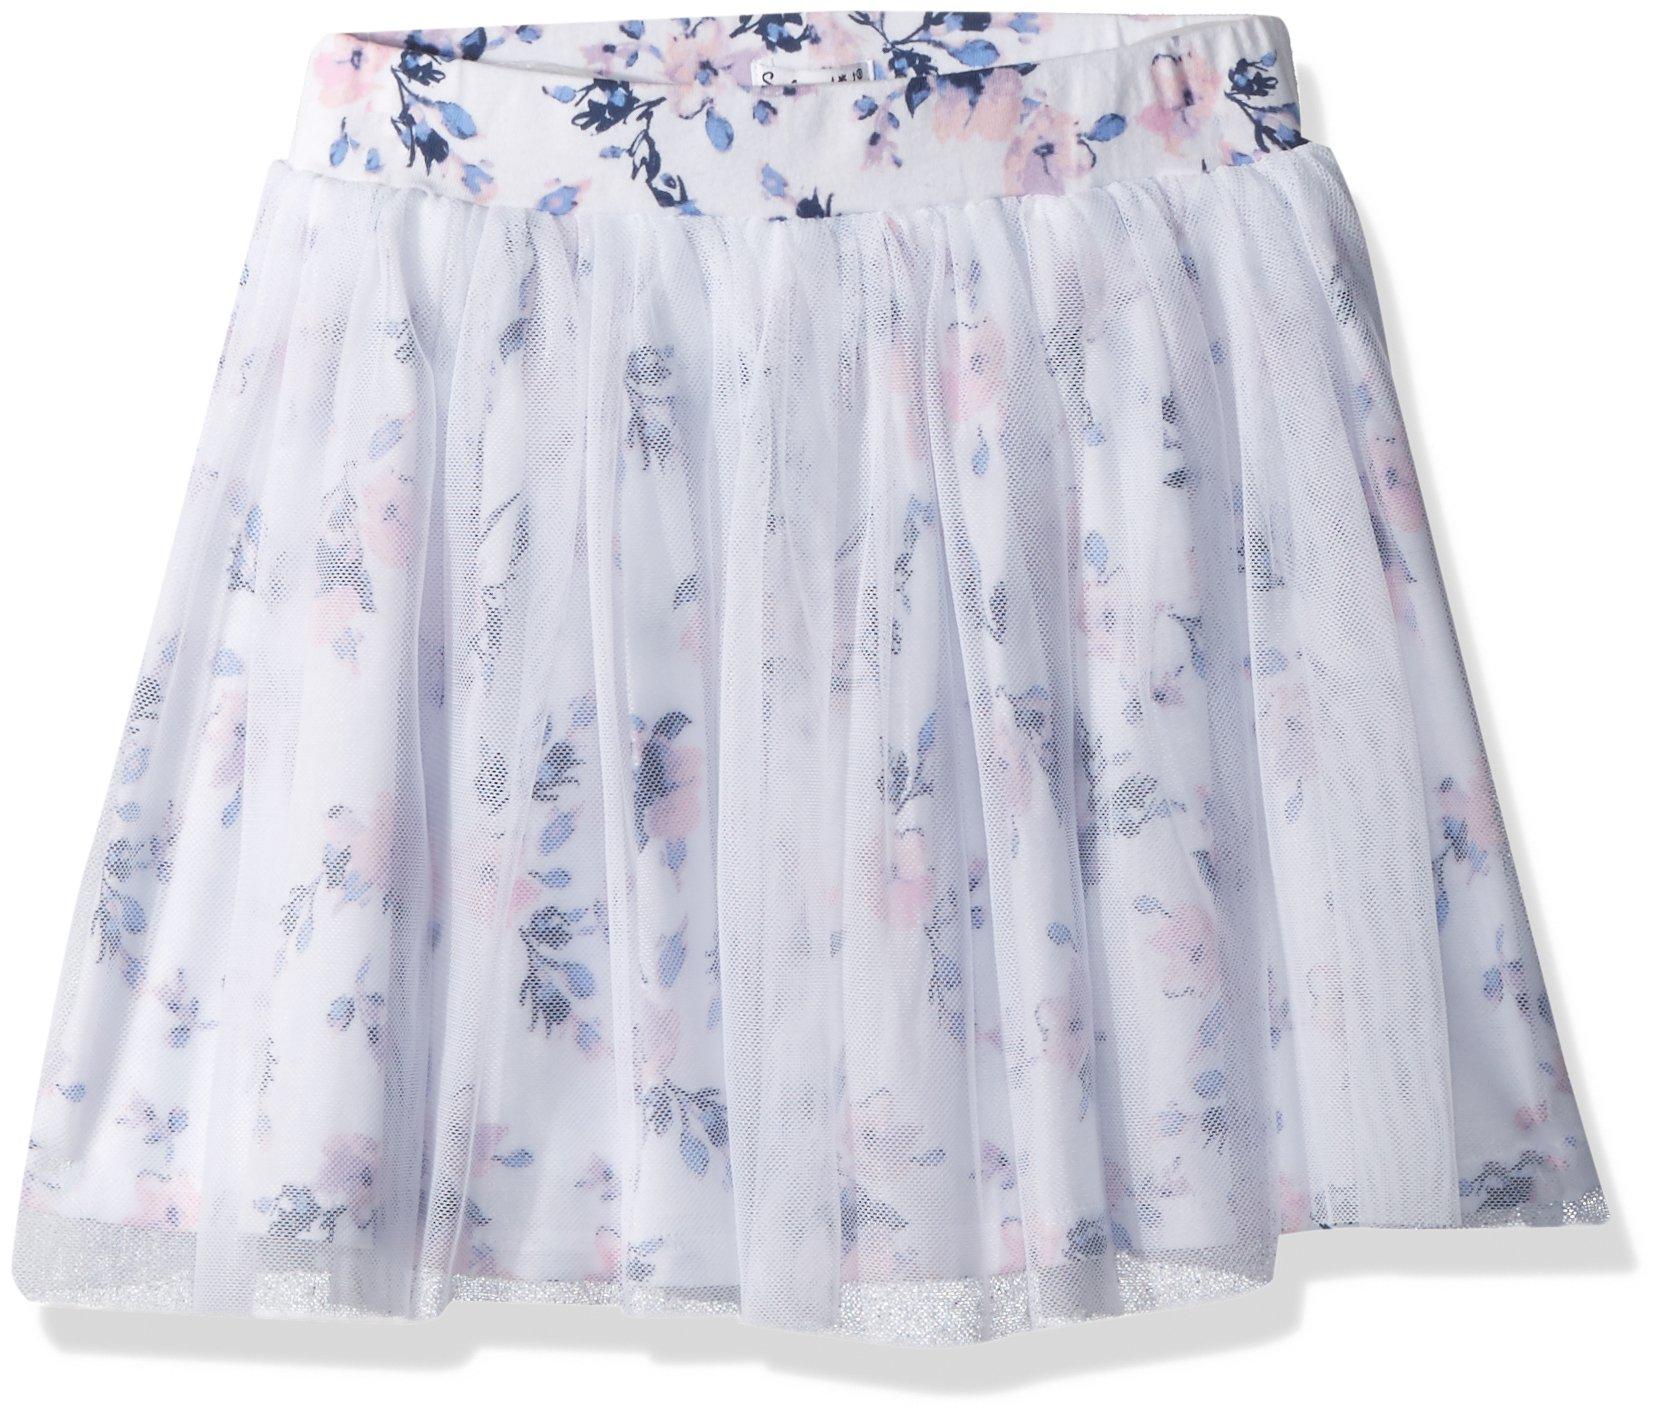 Splendid Little Girls' Floral Print Tutu Skirt, Optic White, 5/6